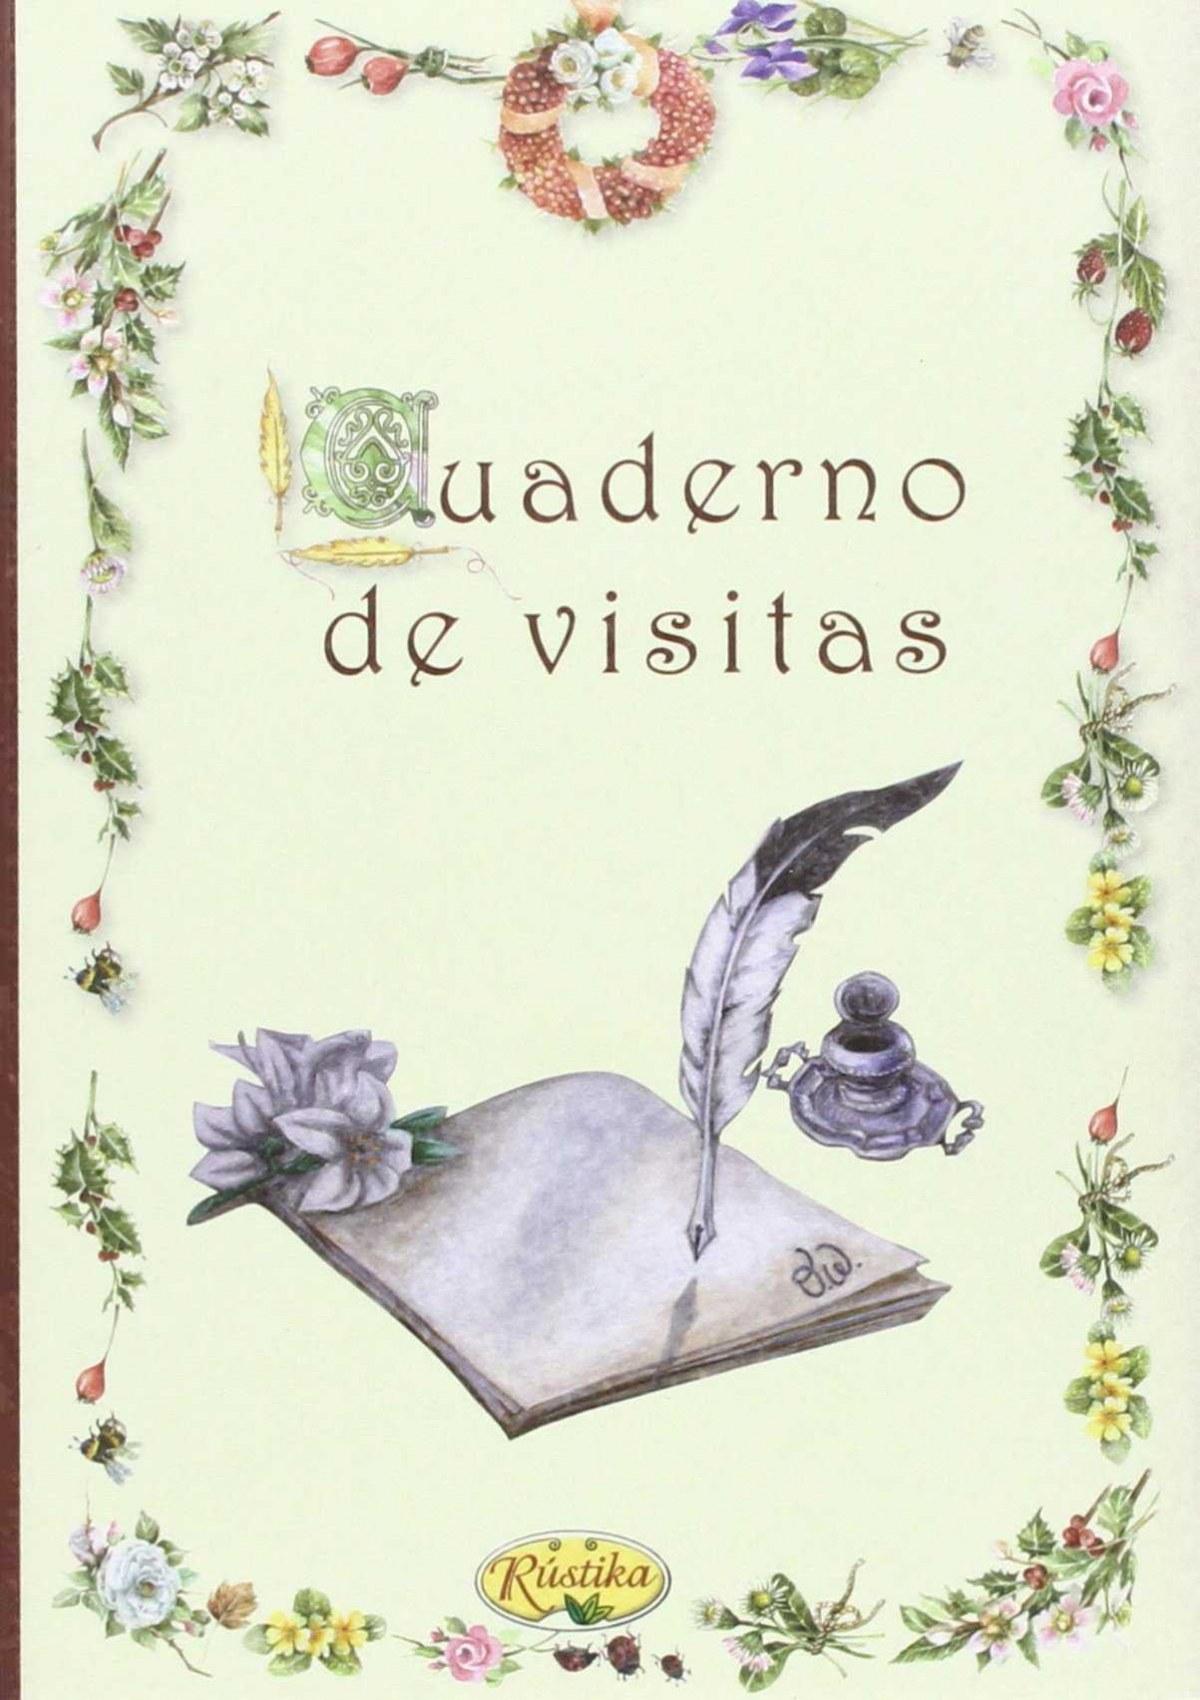 Cuaderno de visitas 9788490870150